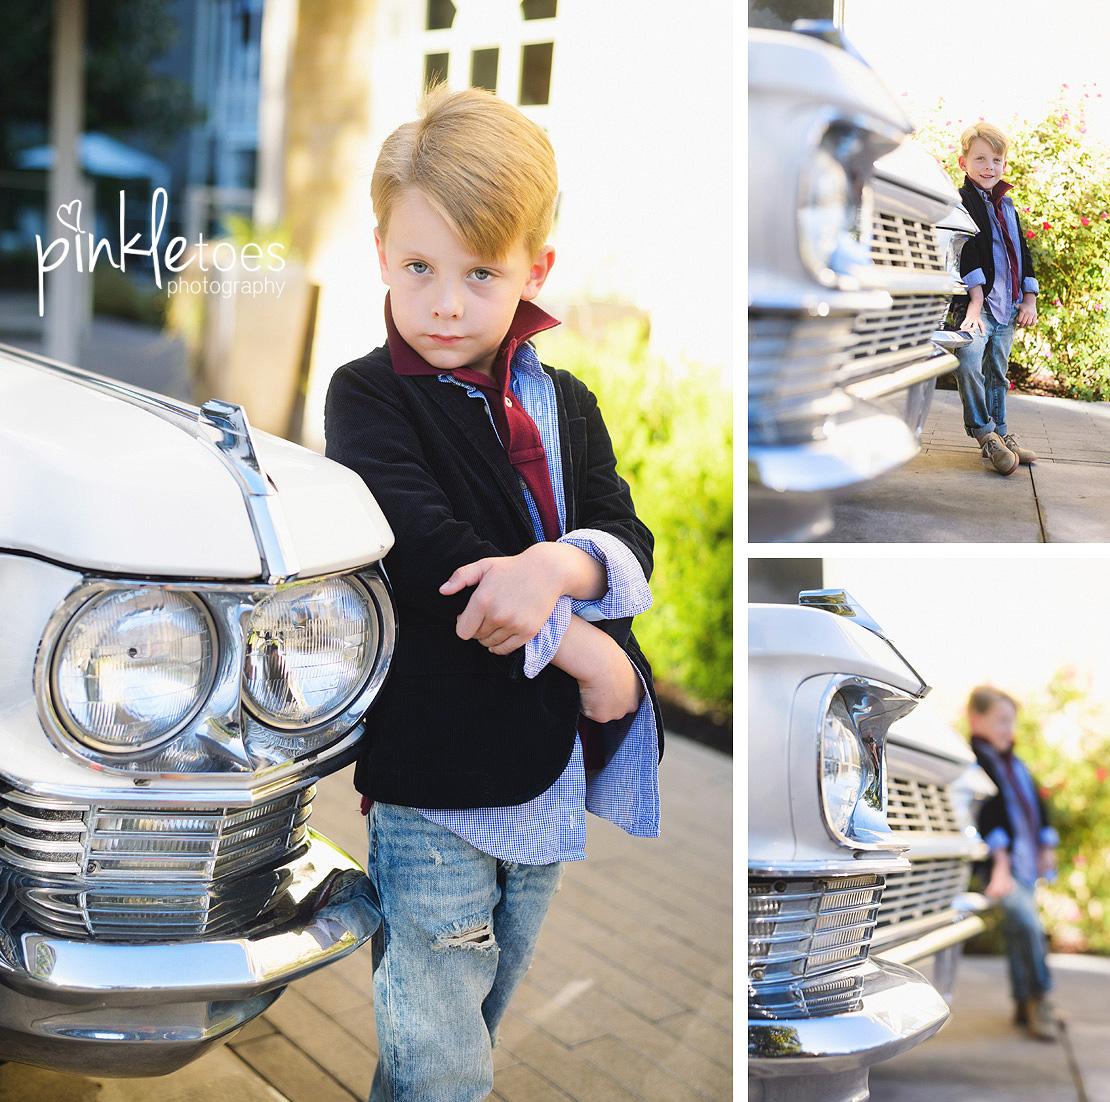 austin-child-model-photographer-kids-elite-photo-session-01